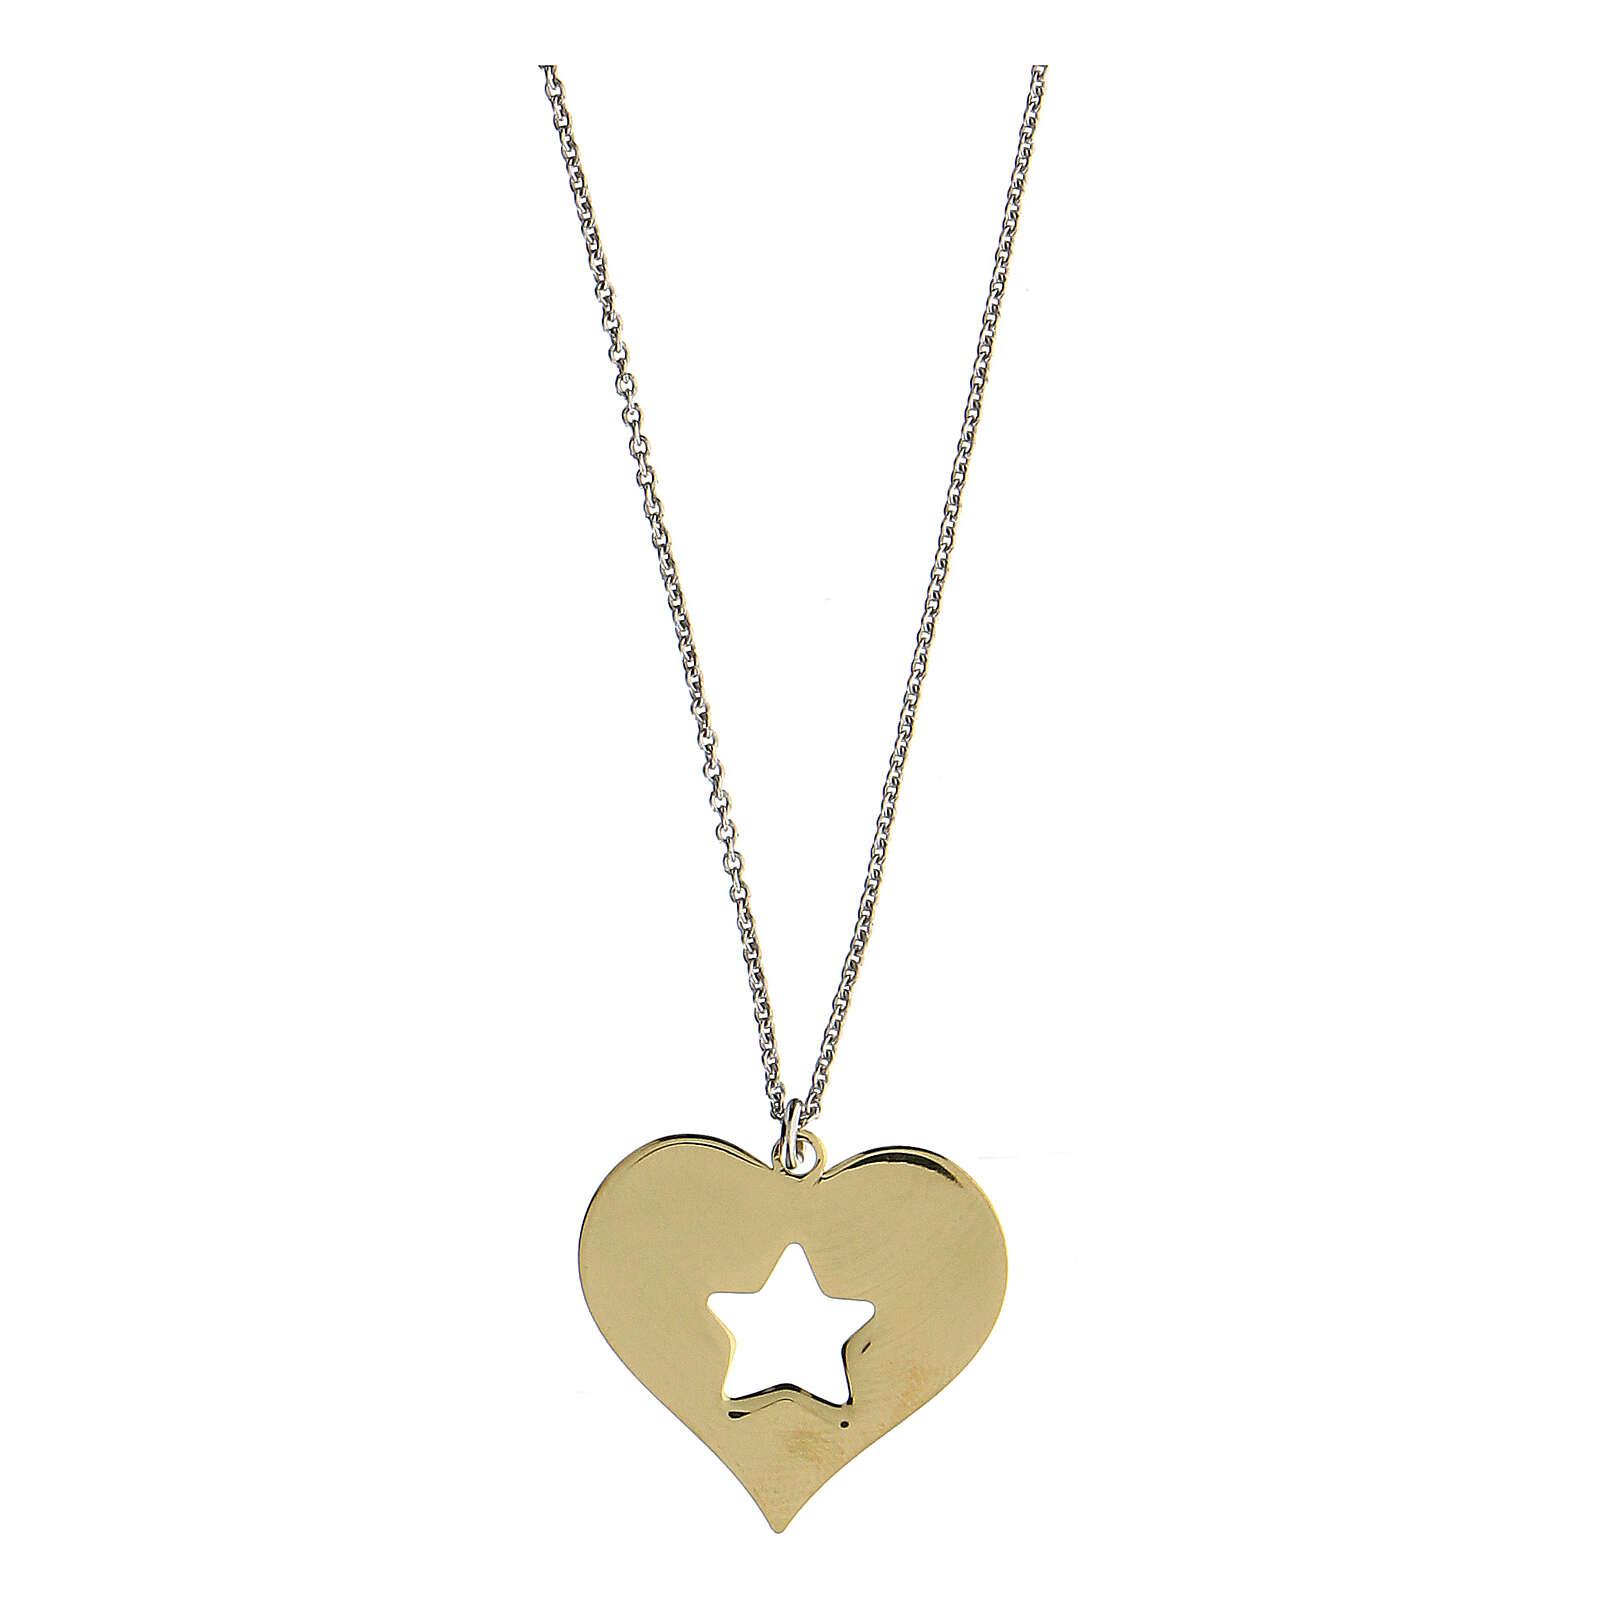 Collier coeur étoile argent 925 pendentif doré 4